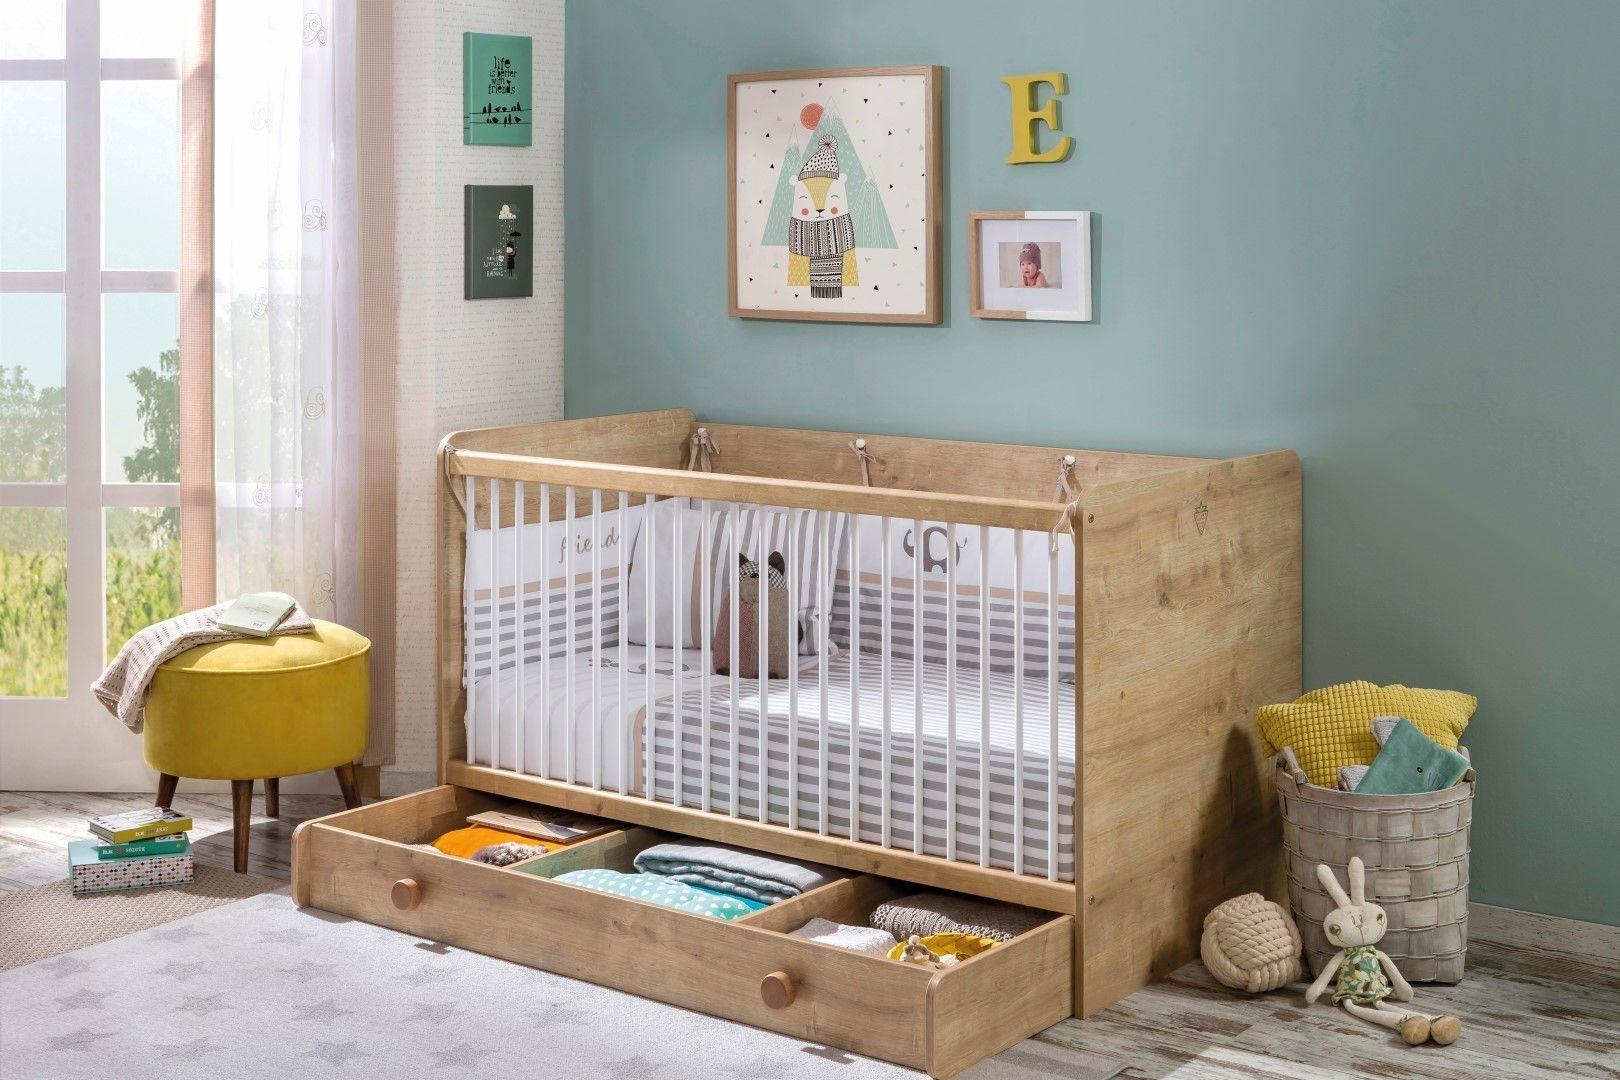 Stockholm babykamer jongens meisjes babybed ledikant inspiratie